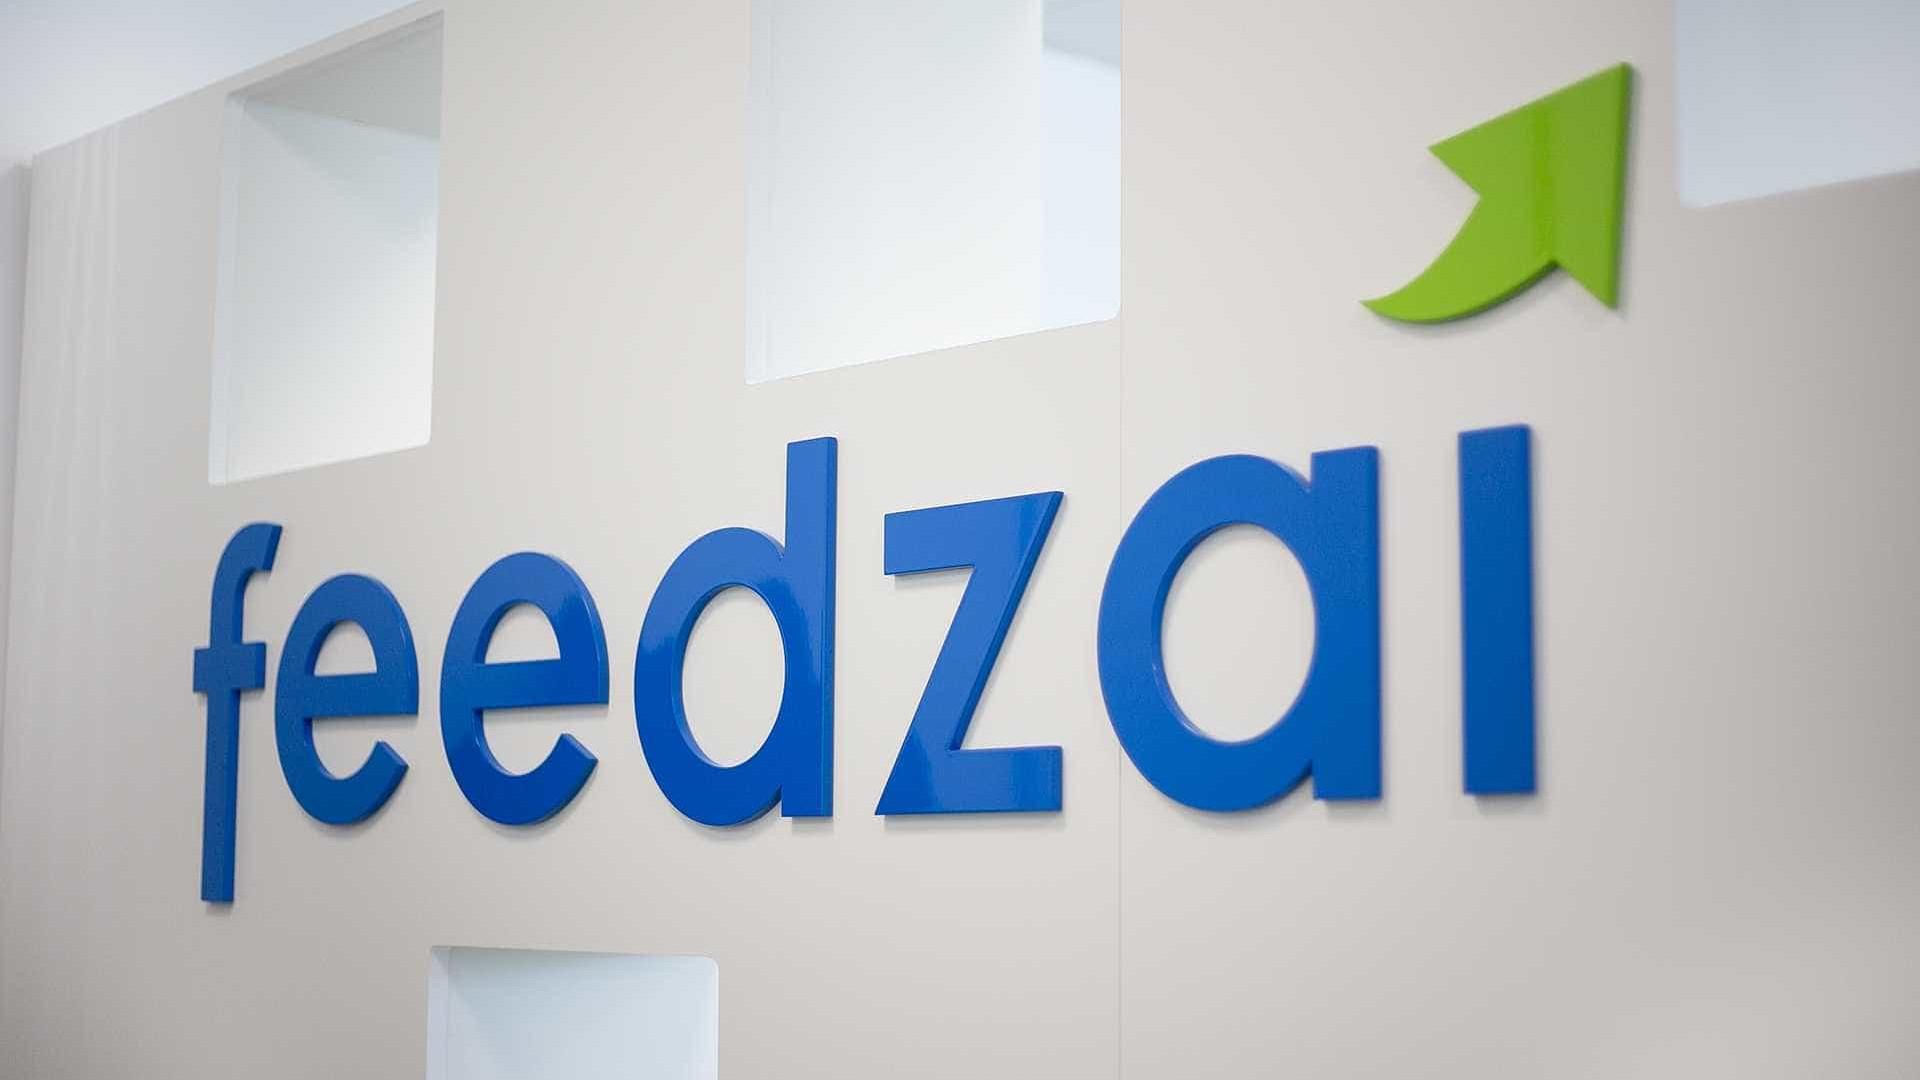 Portuguesa Feedzai recebe 42,5 milhões de euros de dois investidores